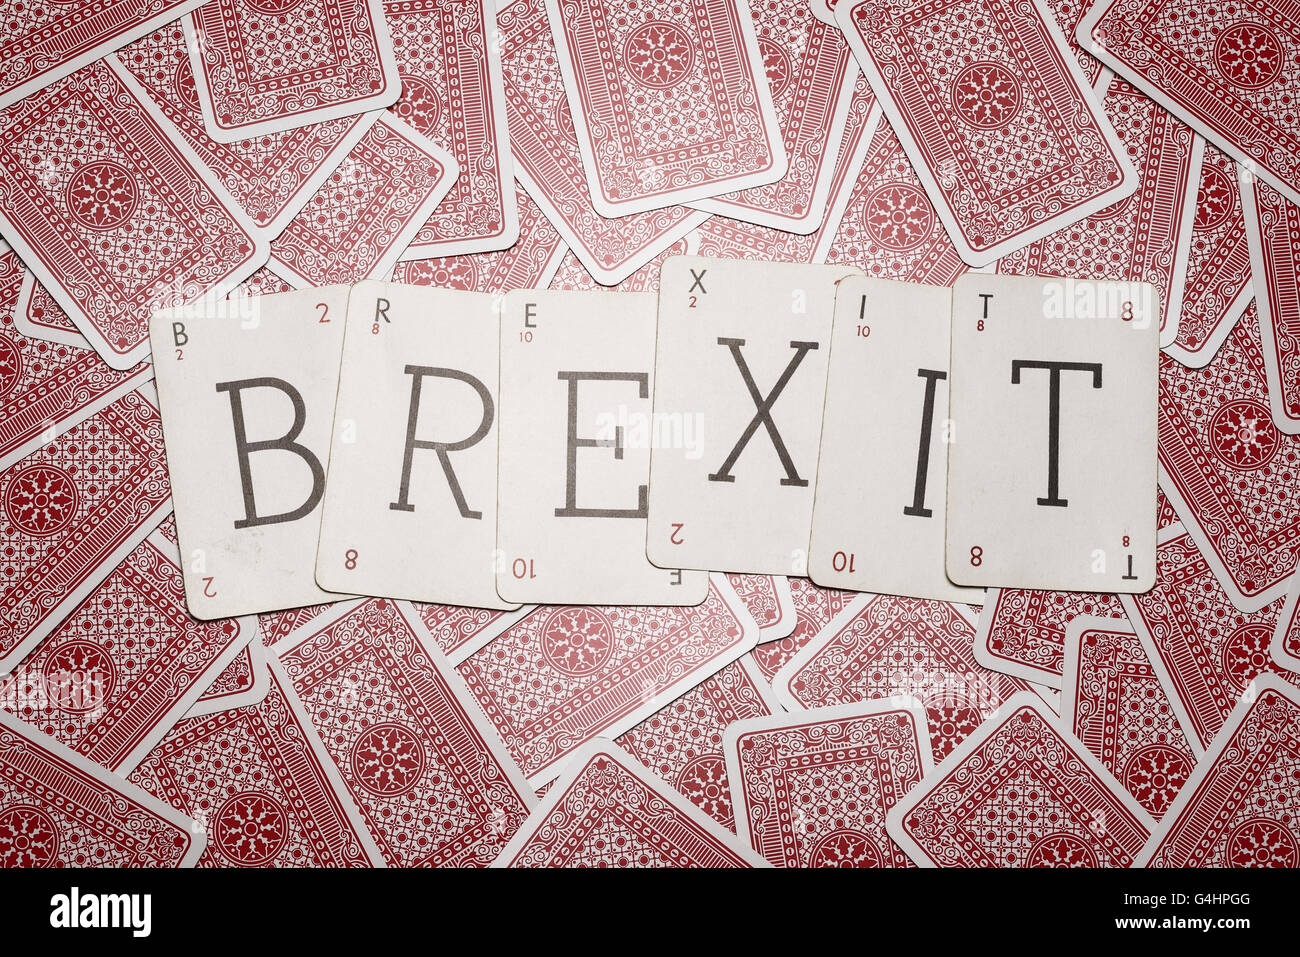 Still Life studio Concetto di immagine per il Regno Unito referendum sull' adesione all' Unione europea Immagini Stock